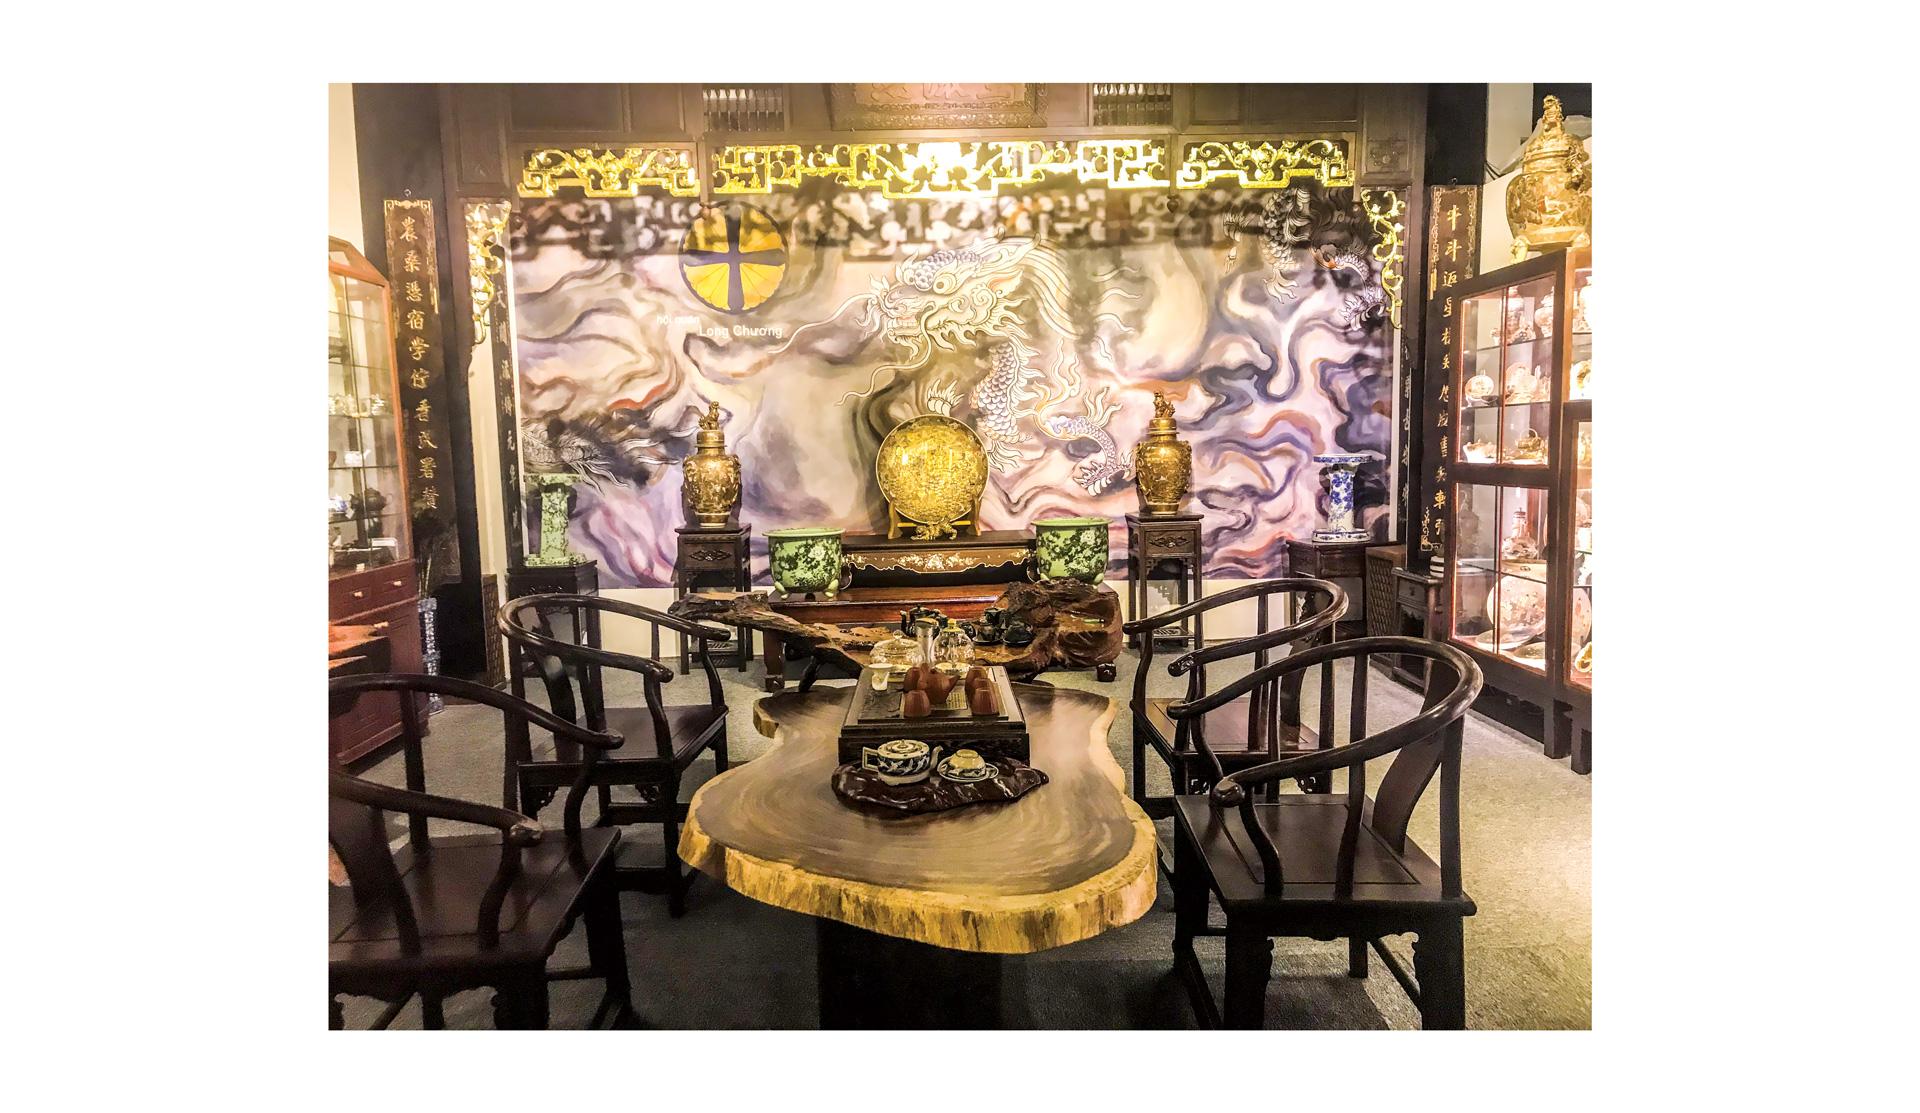 Hội quán Long Chương, hội ngộ đam mê gốm sứ Nhật Bản ảnh 1